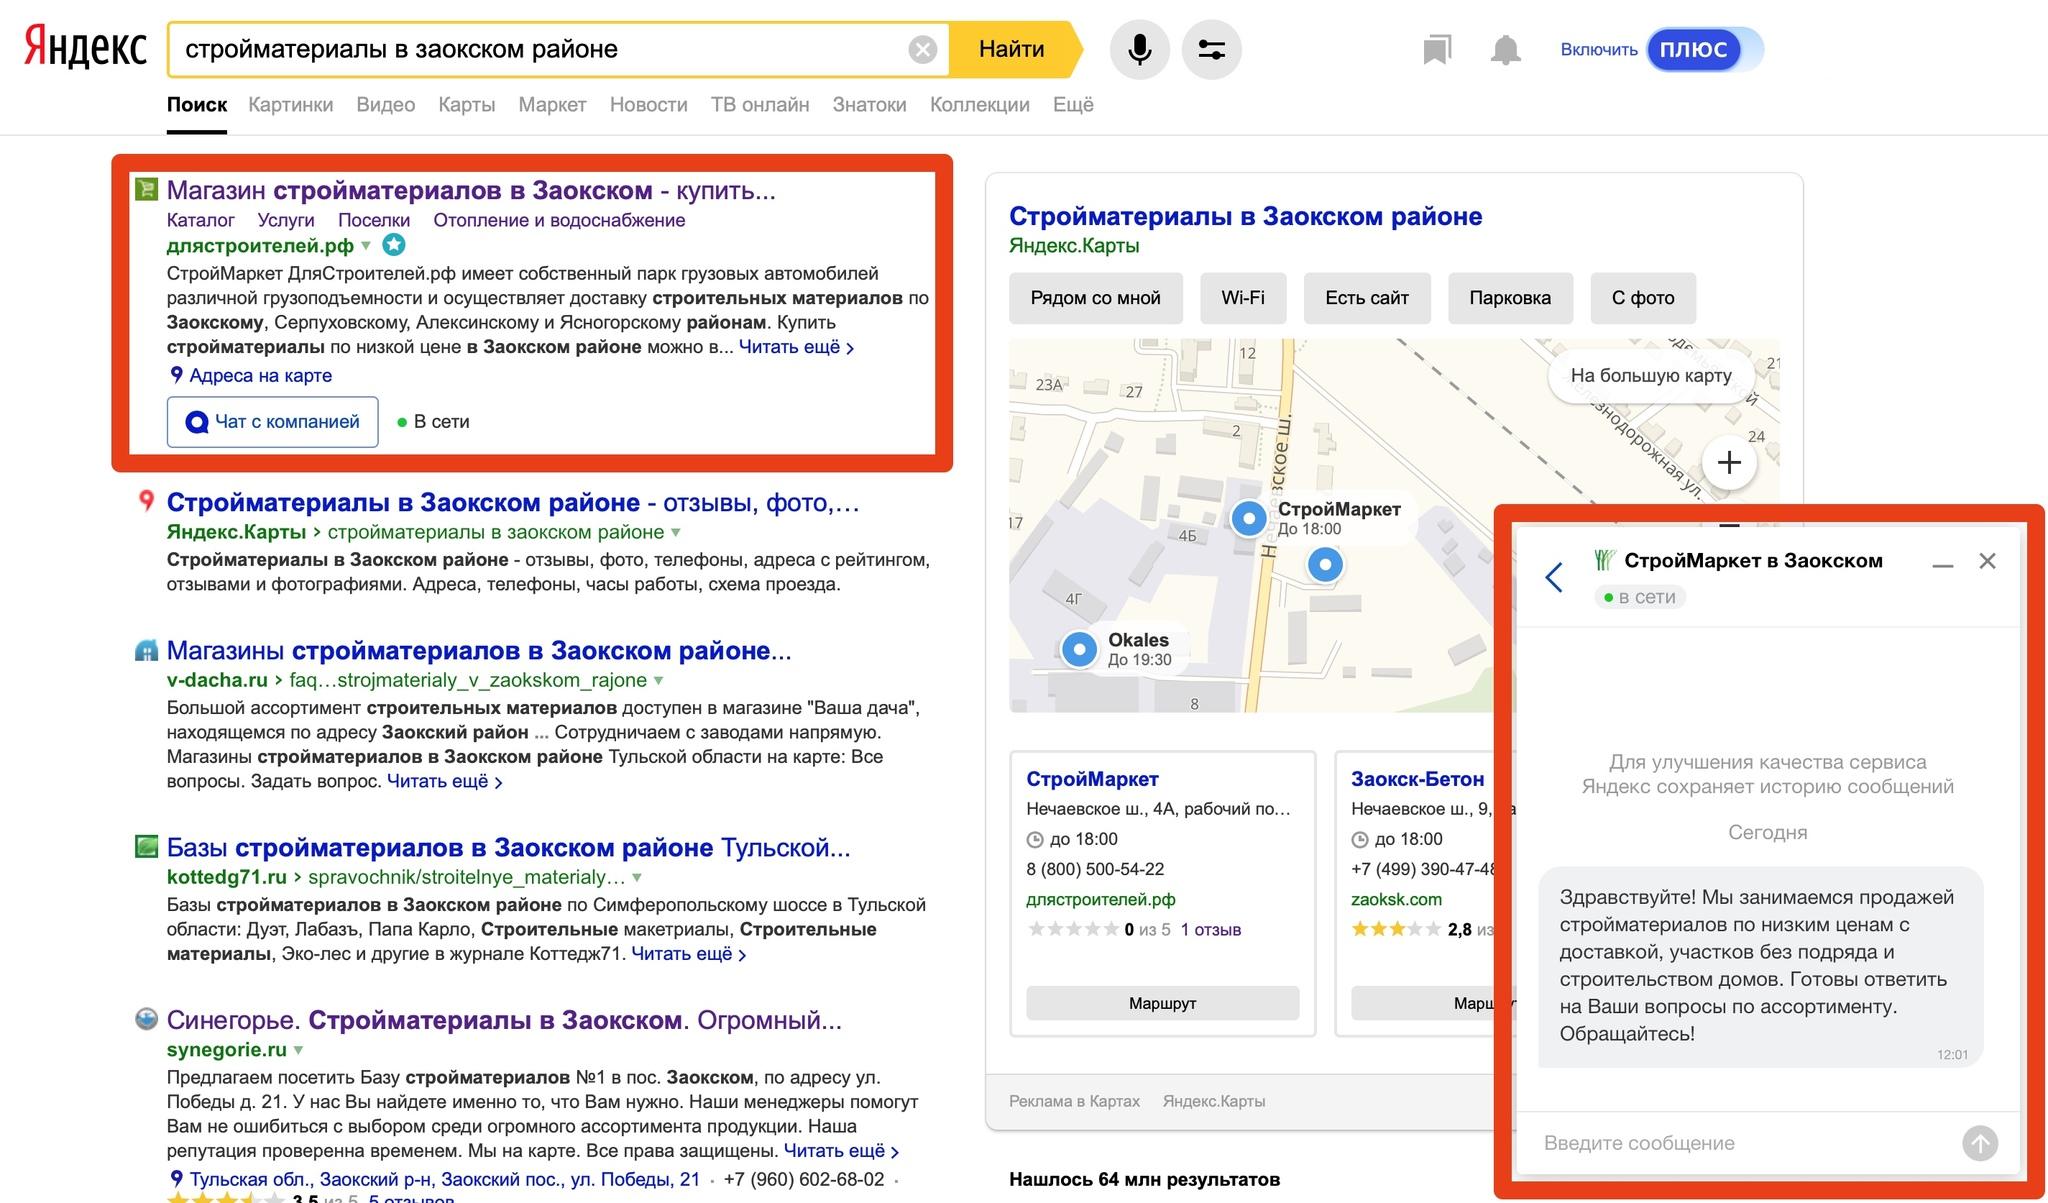 Запущен чат интернет-магазина ДляСтроителей.рф на Яндексе